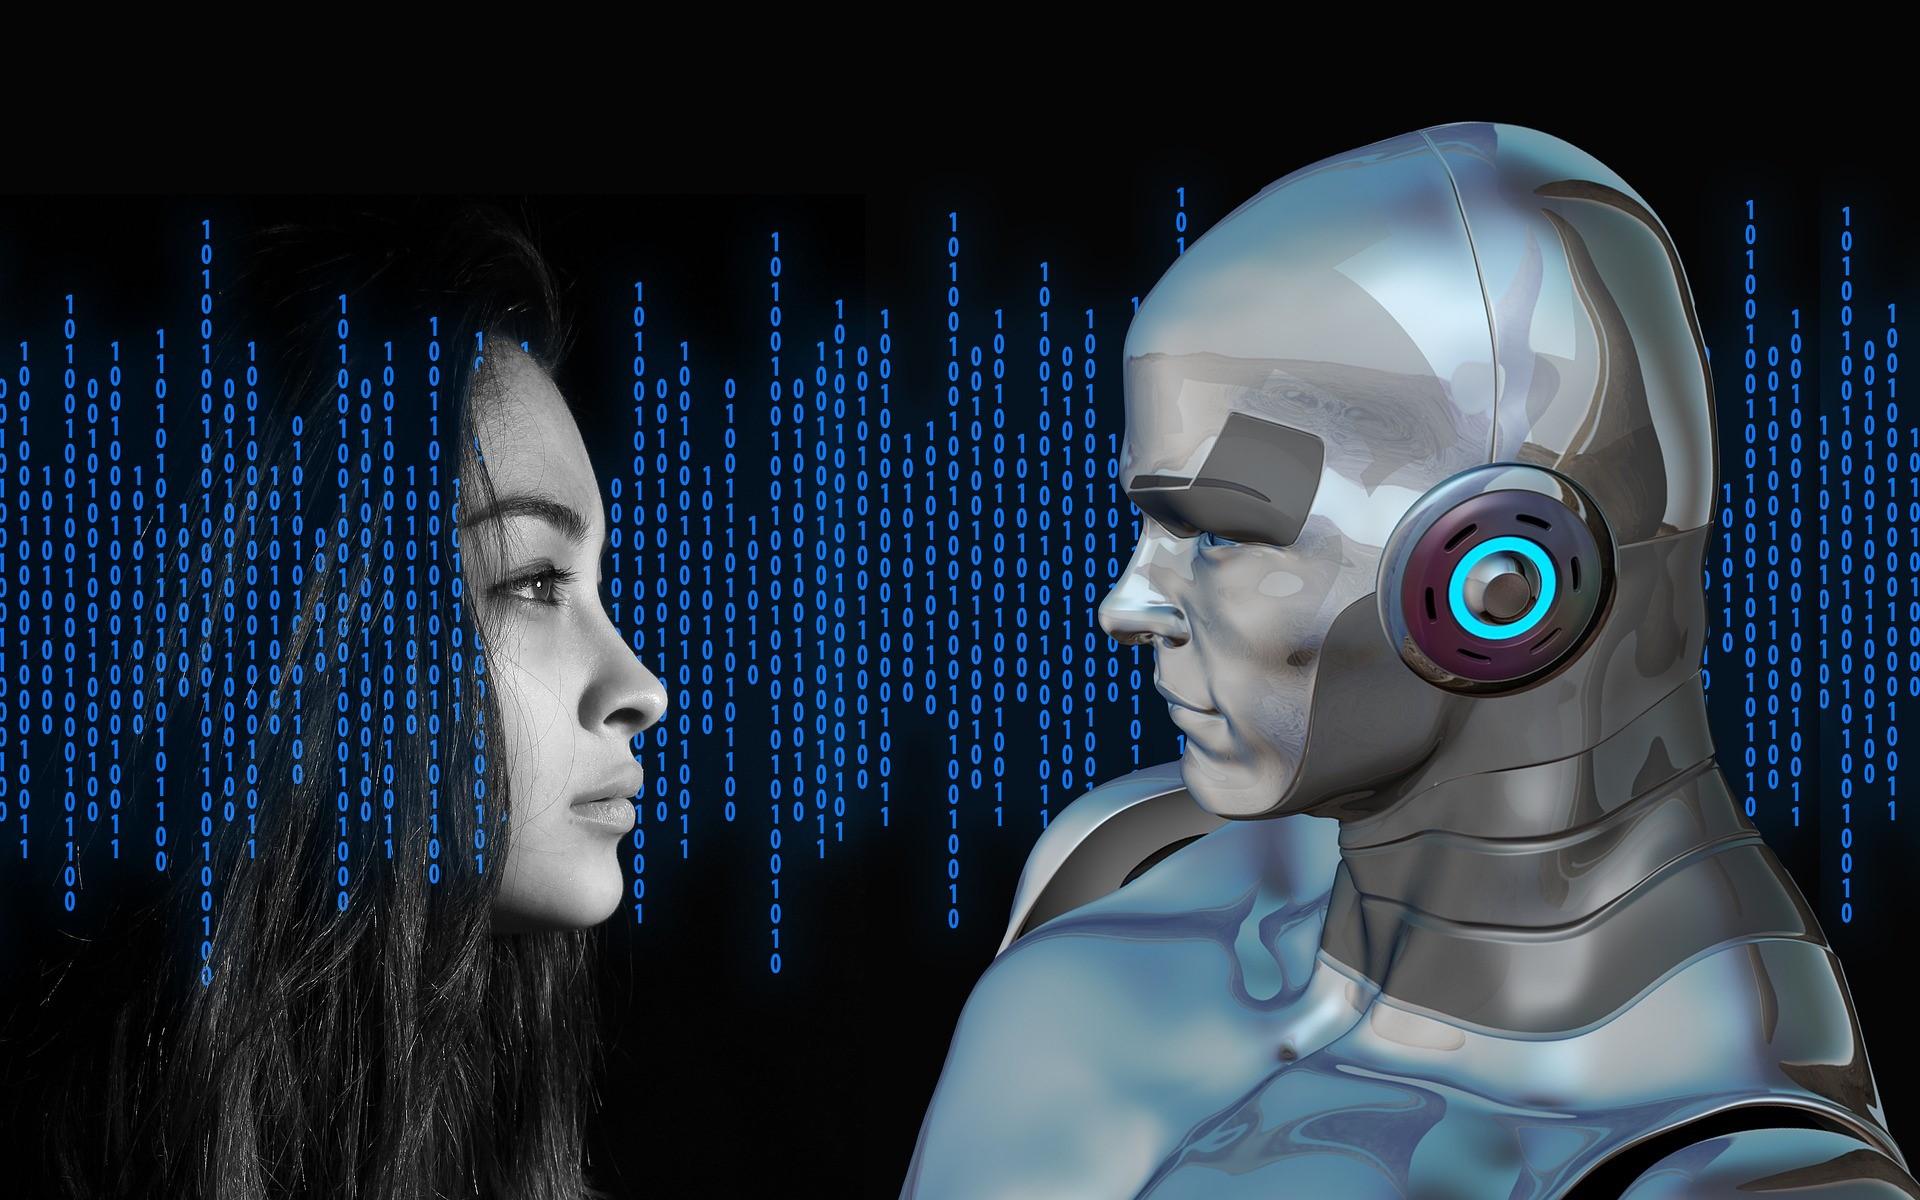 ▲ EU 집행위, 로봇 개발자와 제작자에 대한 라이선스 규칙 제정 예정